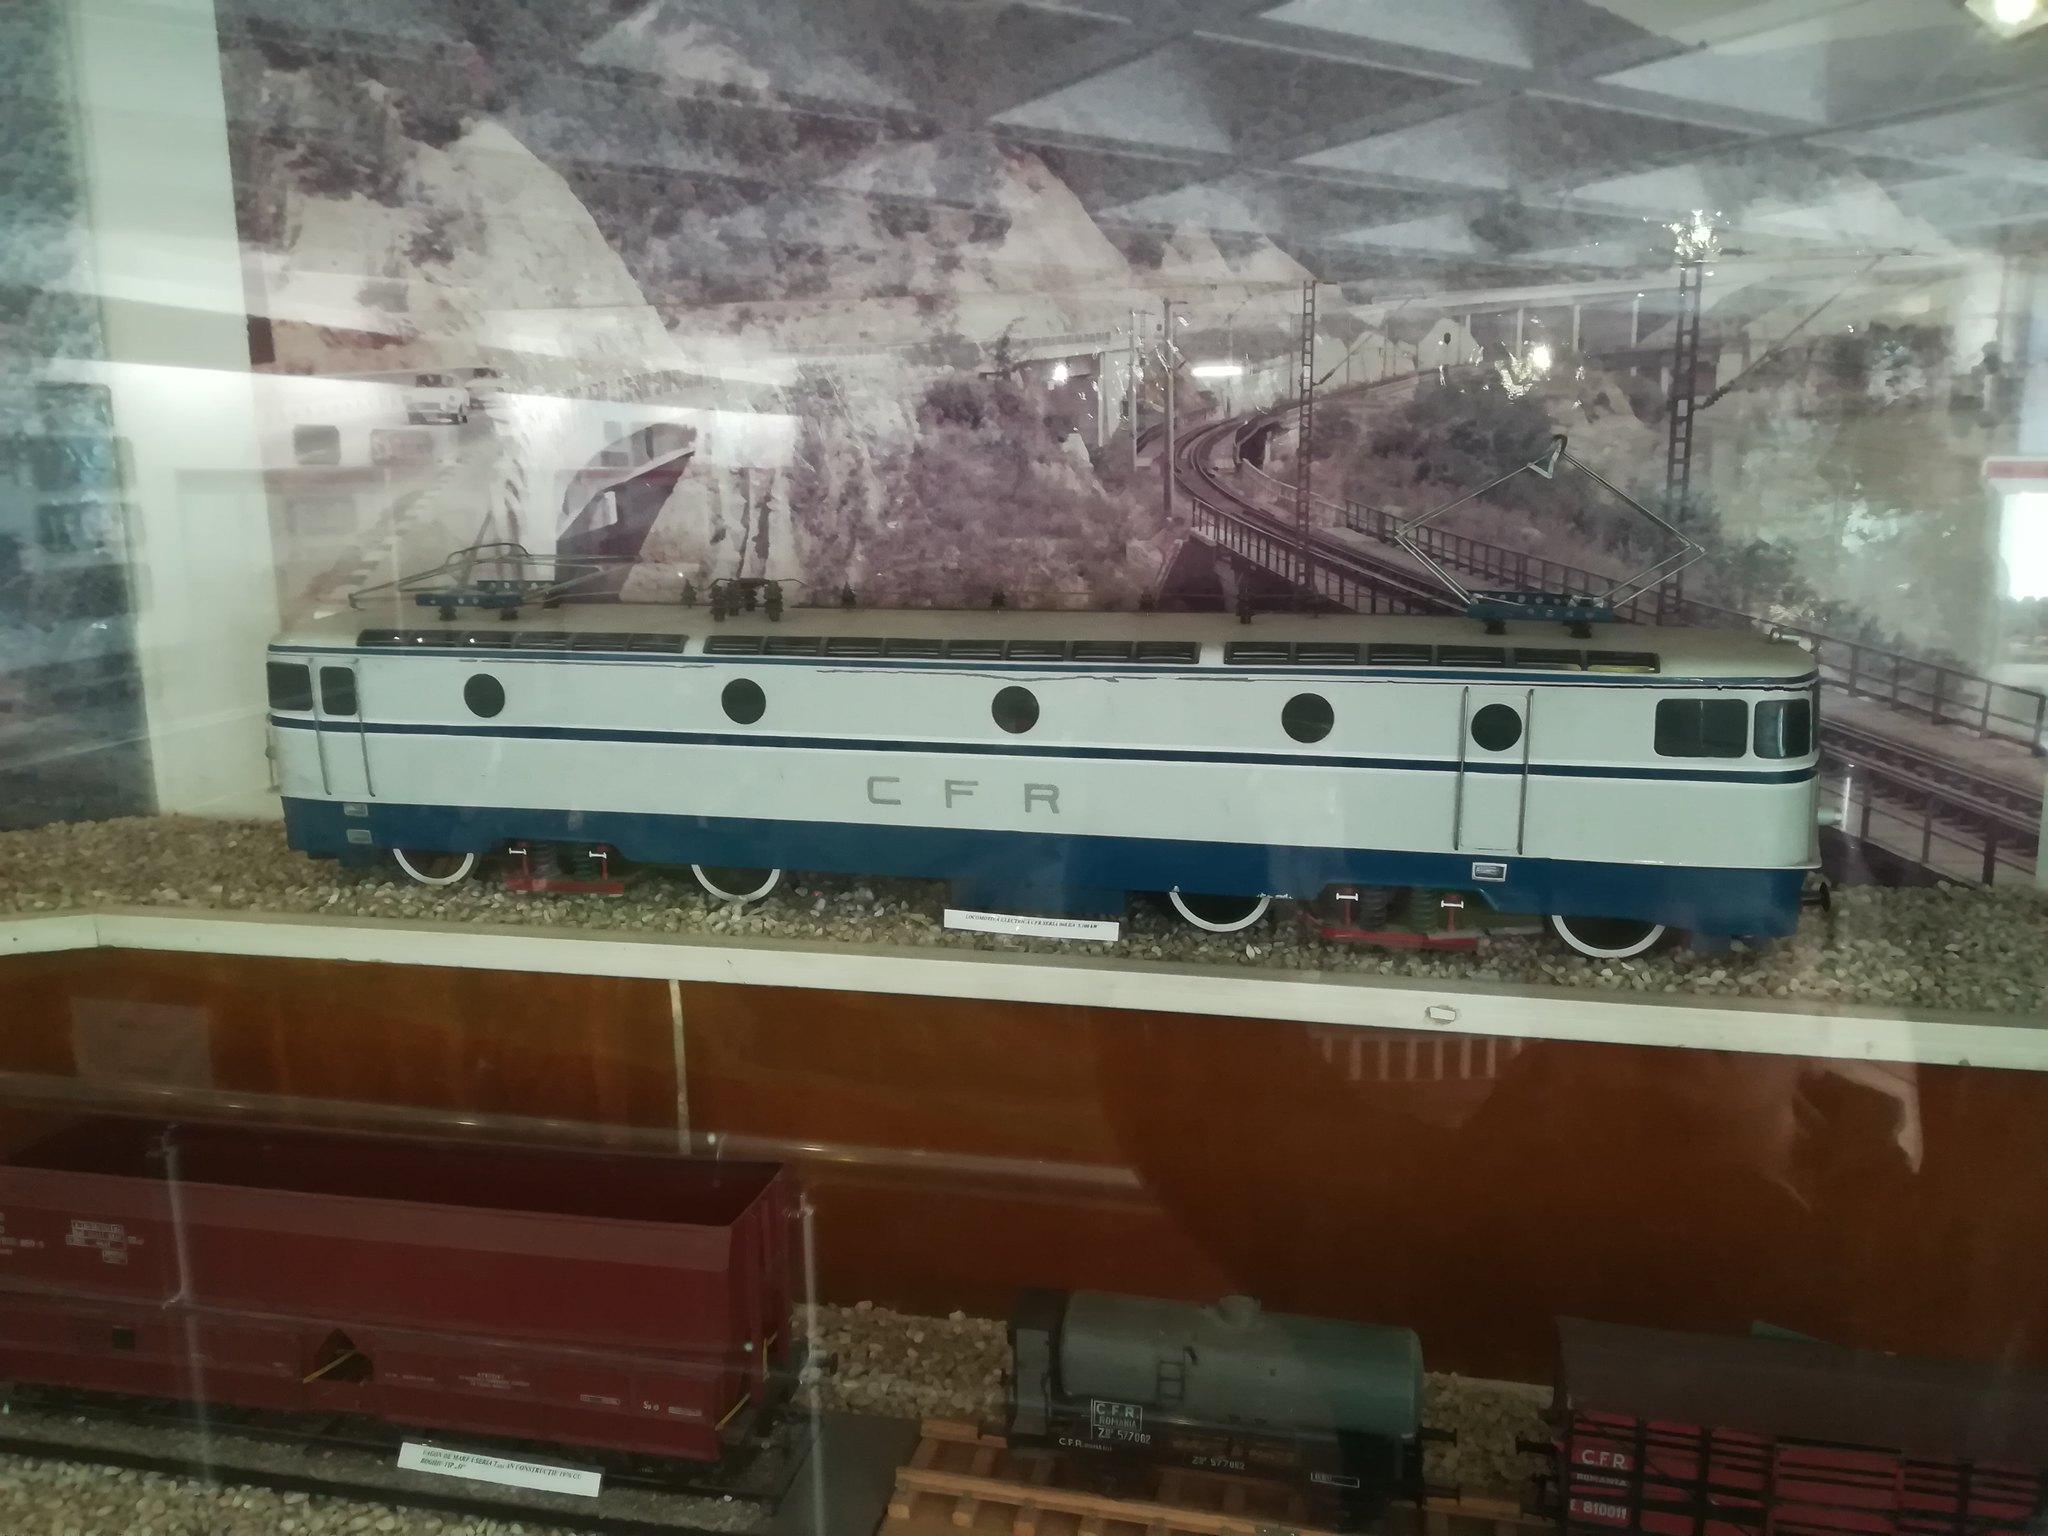 Reportaje feroviare Adirmvl - Pagina 21 49596284803_35916f8074_k